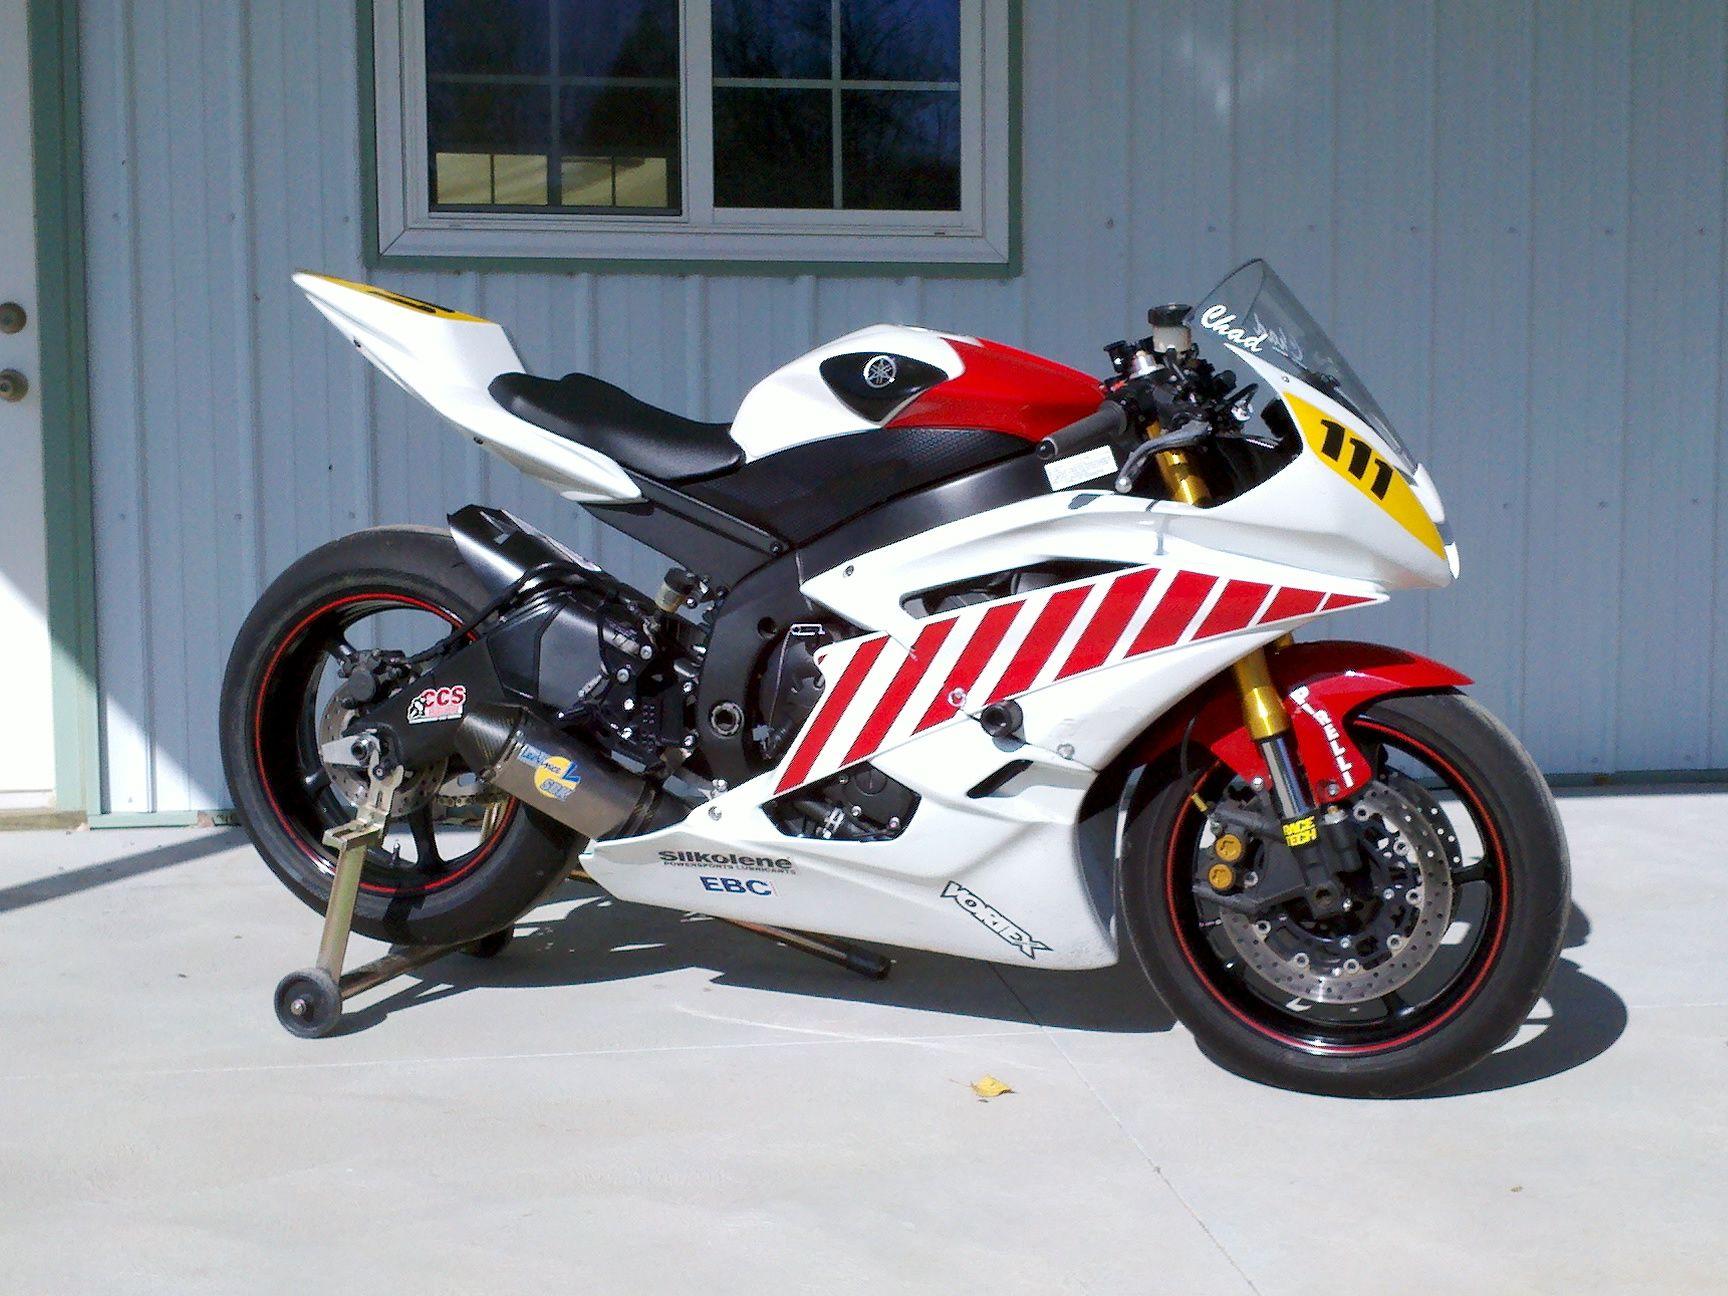 Yamaha yzf r125 usata moto usate 2016 car release date - 2006 Yamaha R6 Track Bike Http Get Sm 4v5jvvu